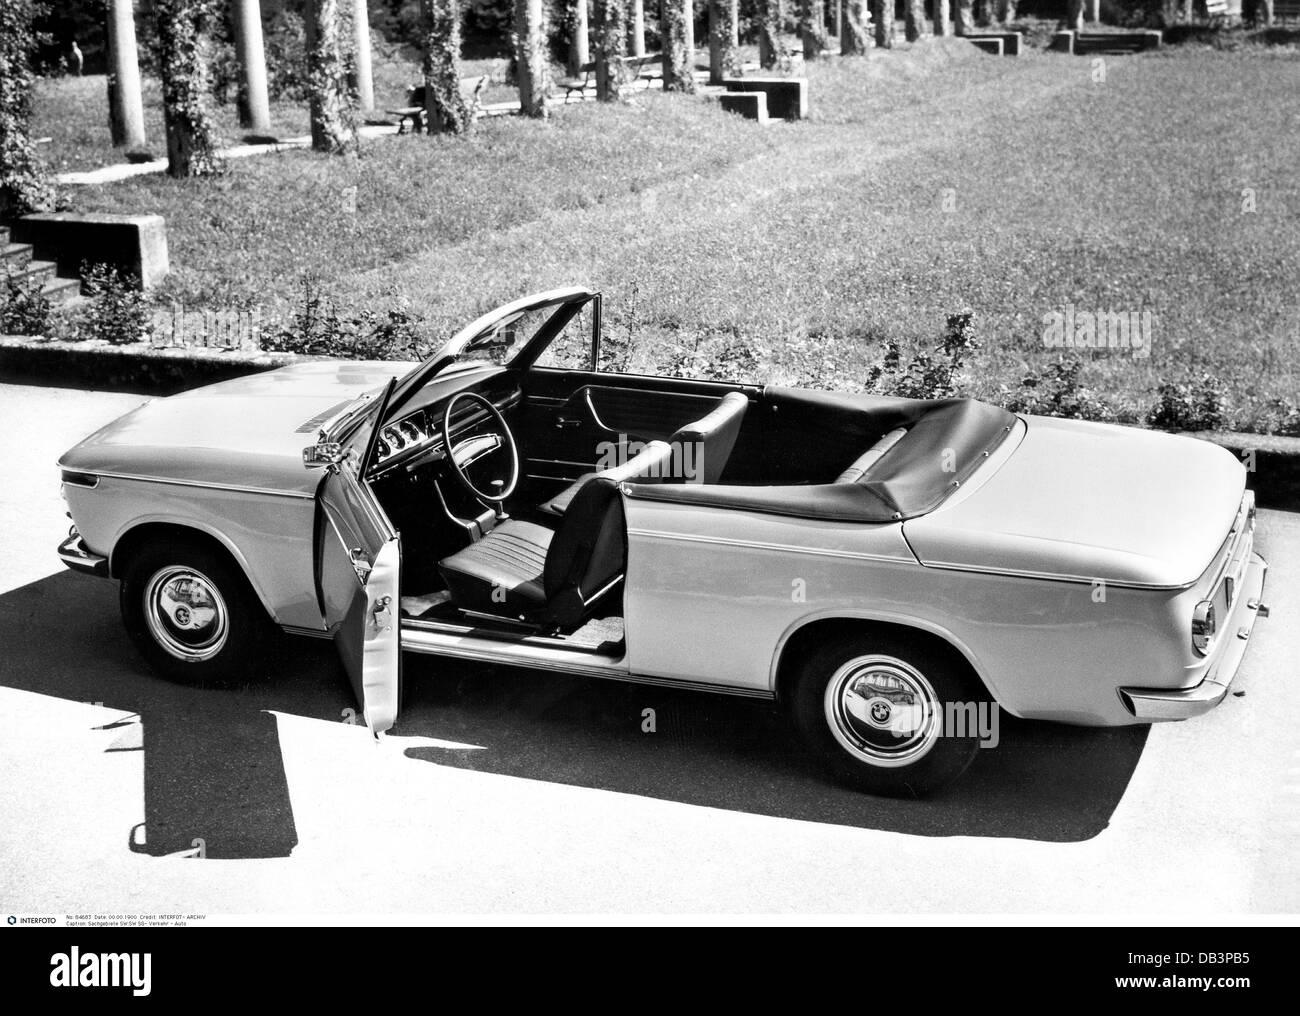 Transport/Verkehr, Autos, Modelle, BMW 1600 Cabriolet, 85 PS, 50s, 50s, Auto, Auto Typ, historisch, historische, Stockbild